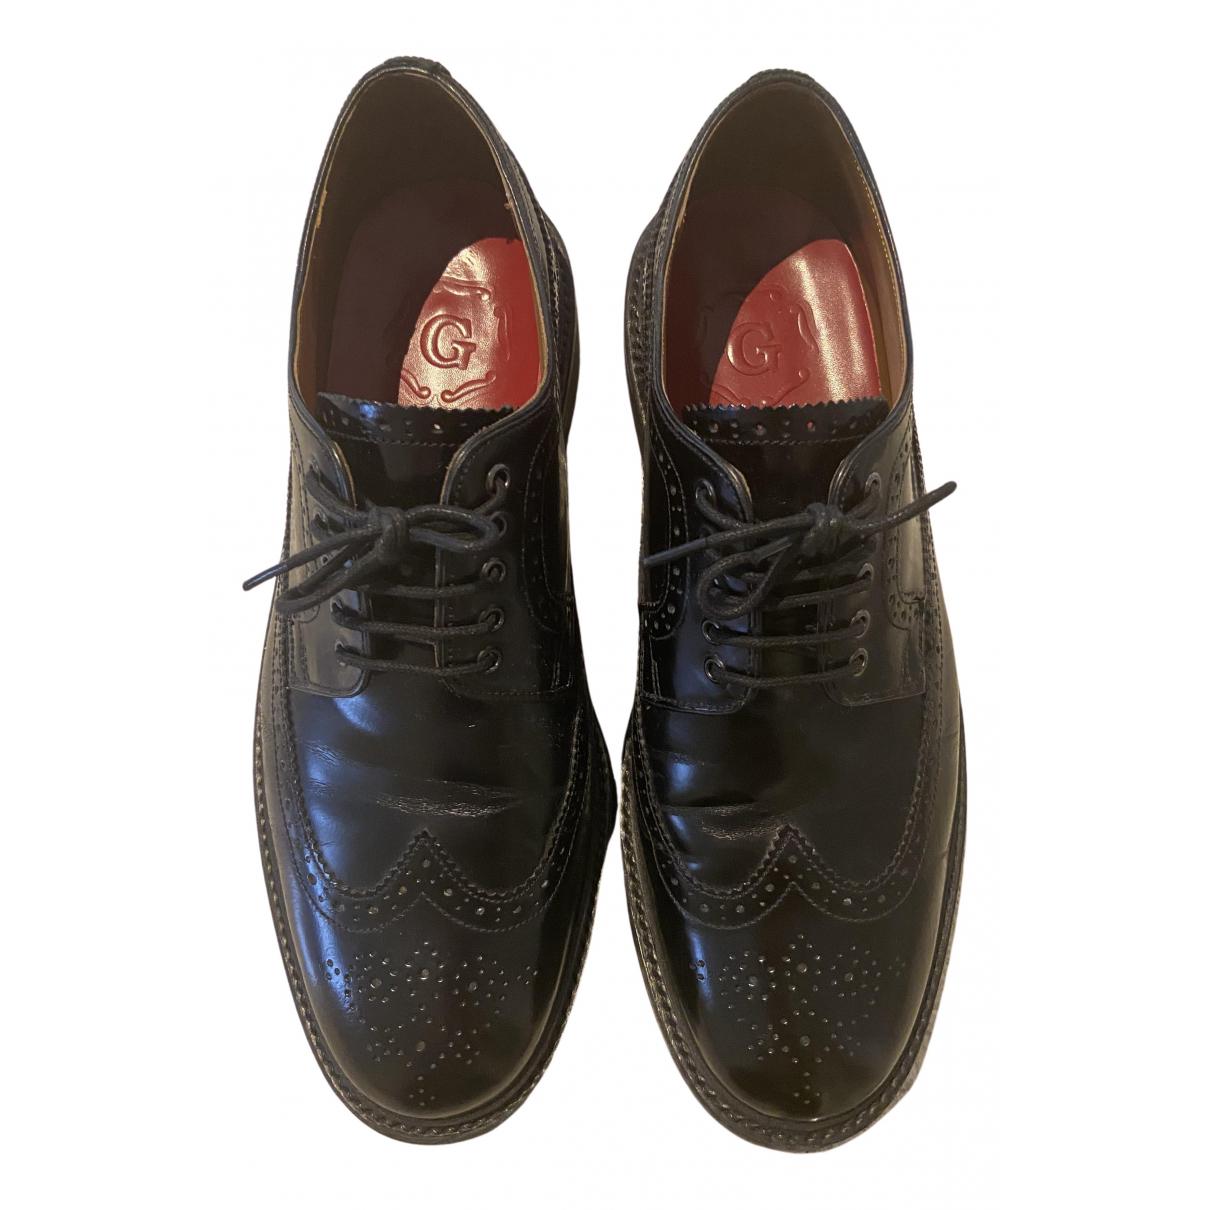 Grenson - Derbies   pour homme en cuir - noir